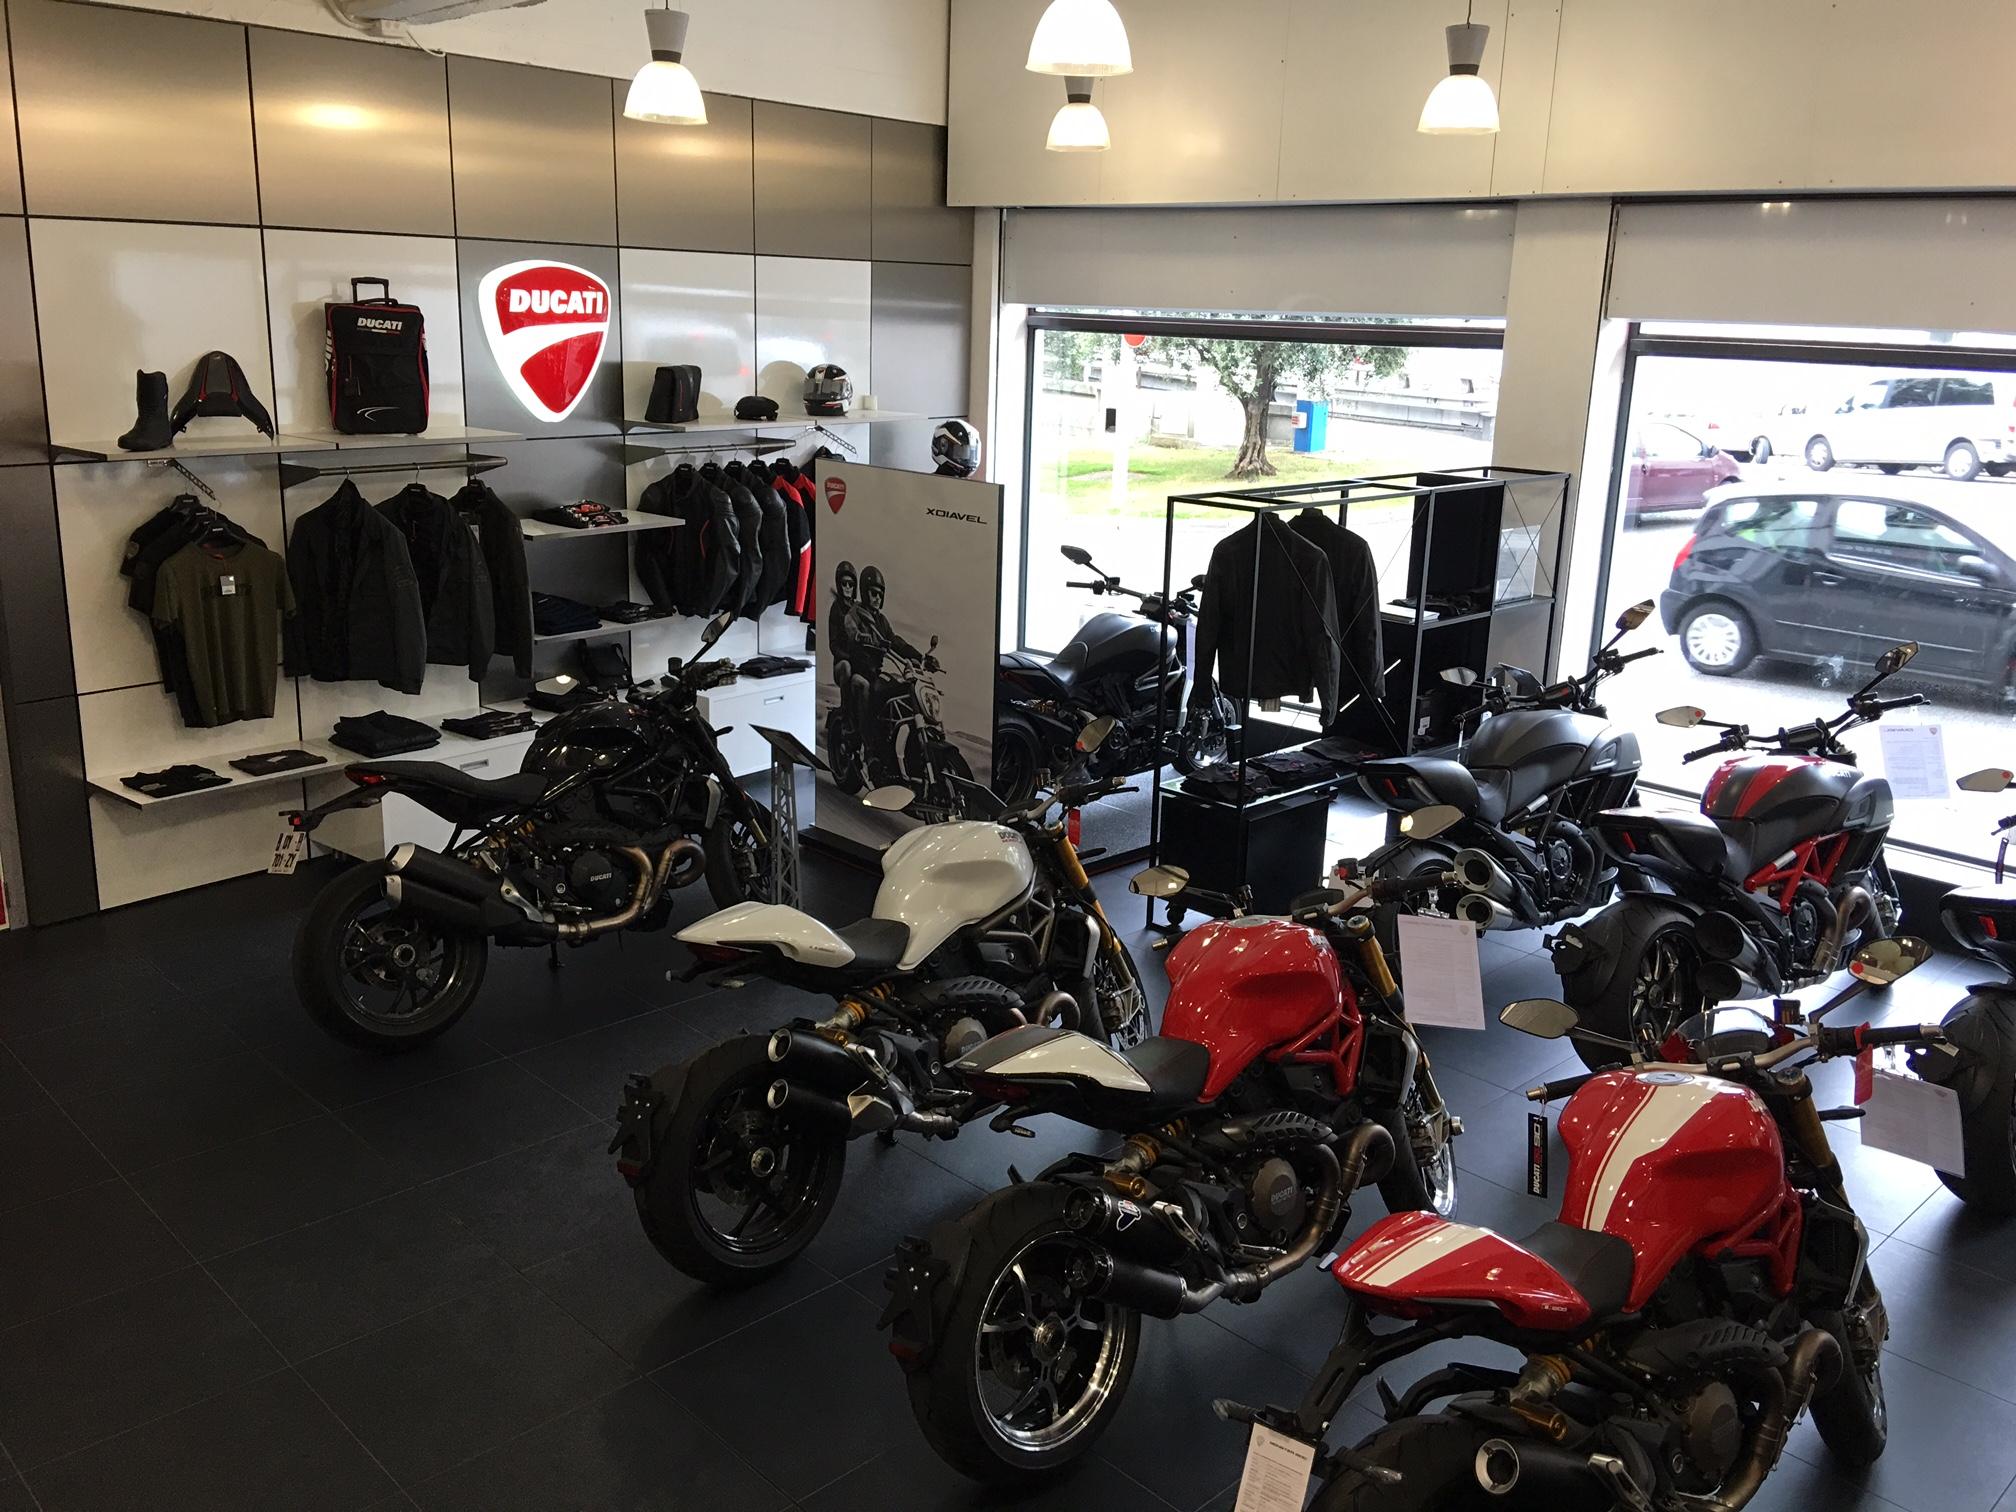 Show Room Ducati Nice